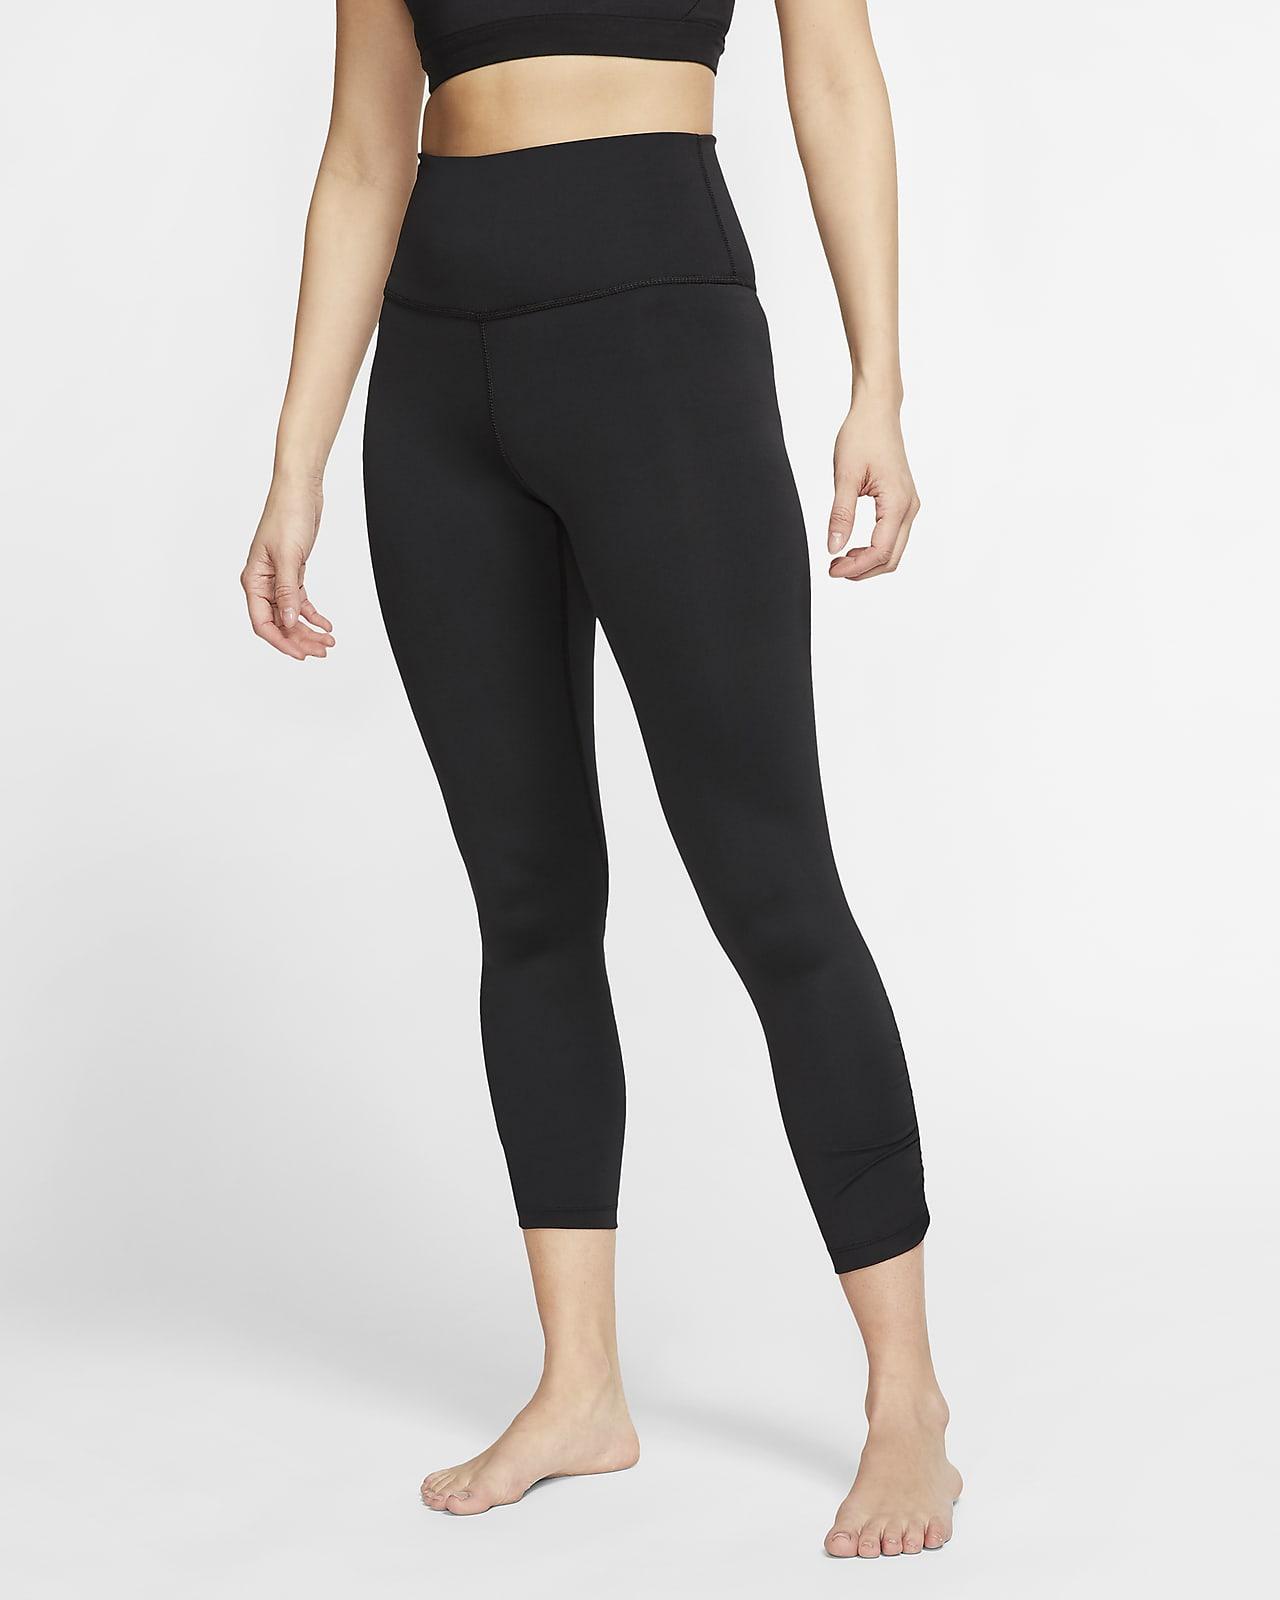 กางเกงรัดรูปผู้หญิง 7/8 ส่วนสไตล์ Ruched Nike Yoga